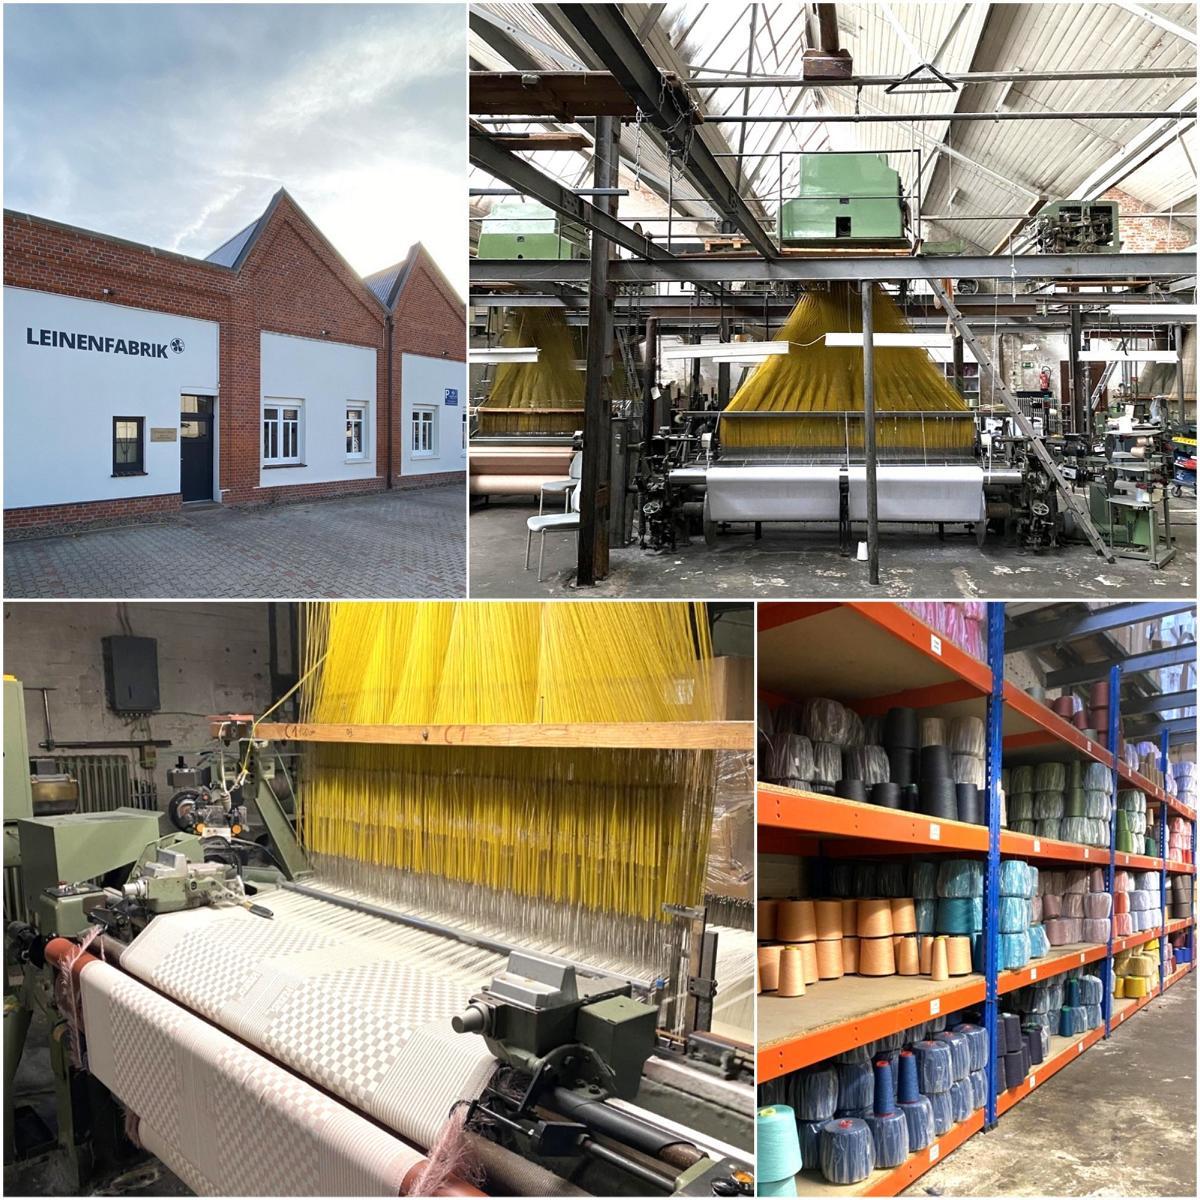 style hannover leinenfabrik 9 - Leinenfabrik – echtes Handwerk direkt am Steinhuder Meer